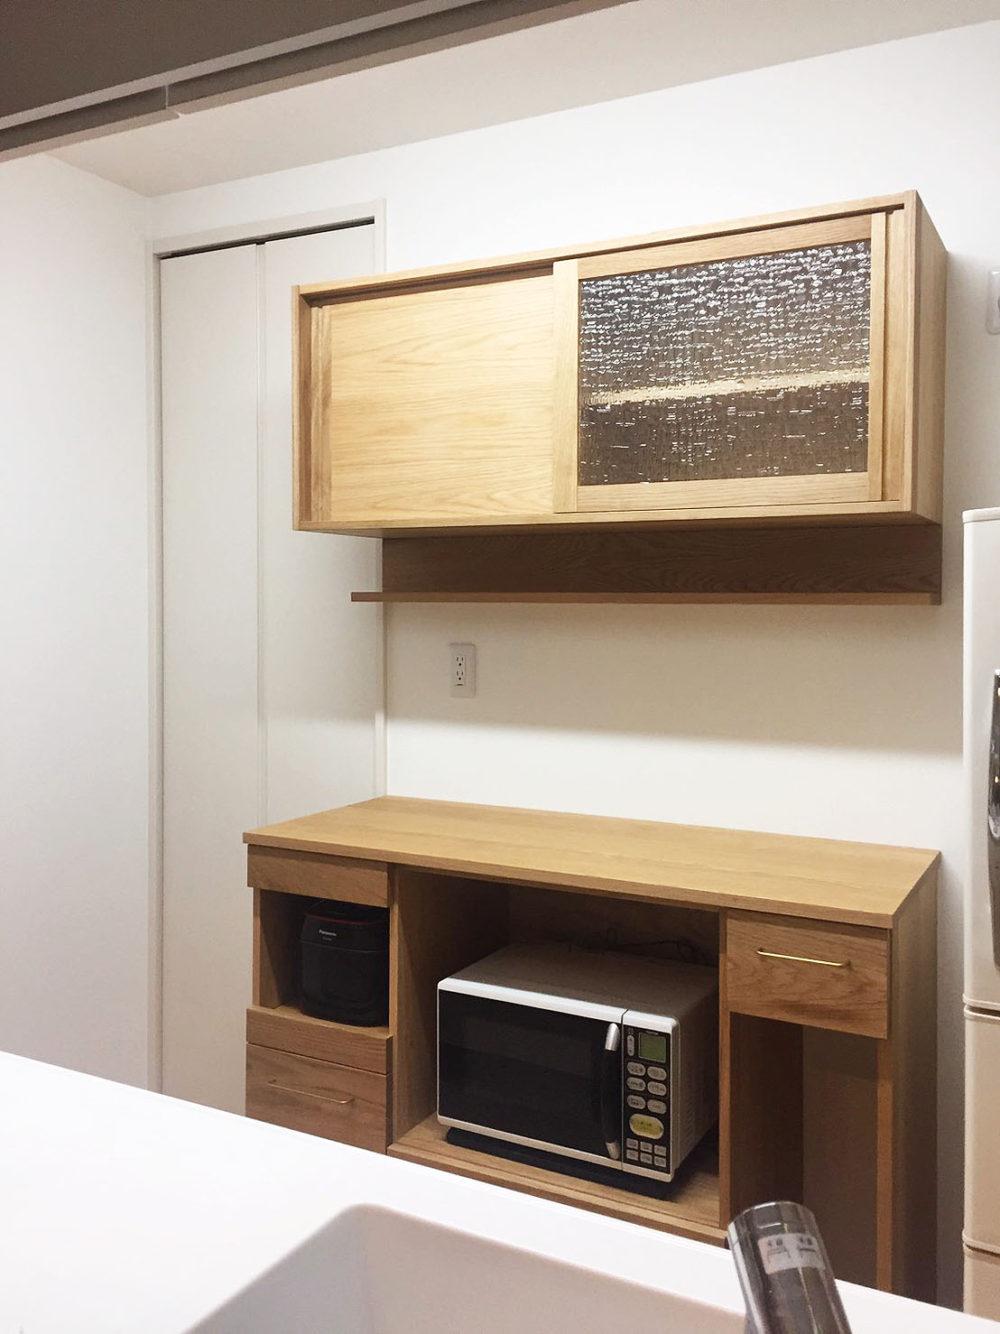 オーダー家具・カップボード食器棚/関東